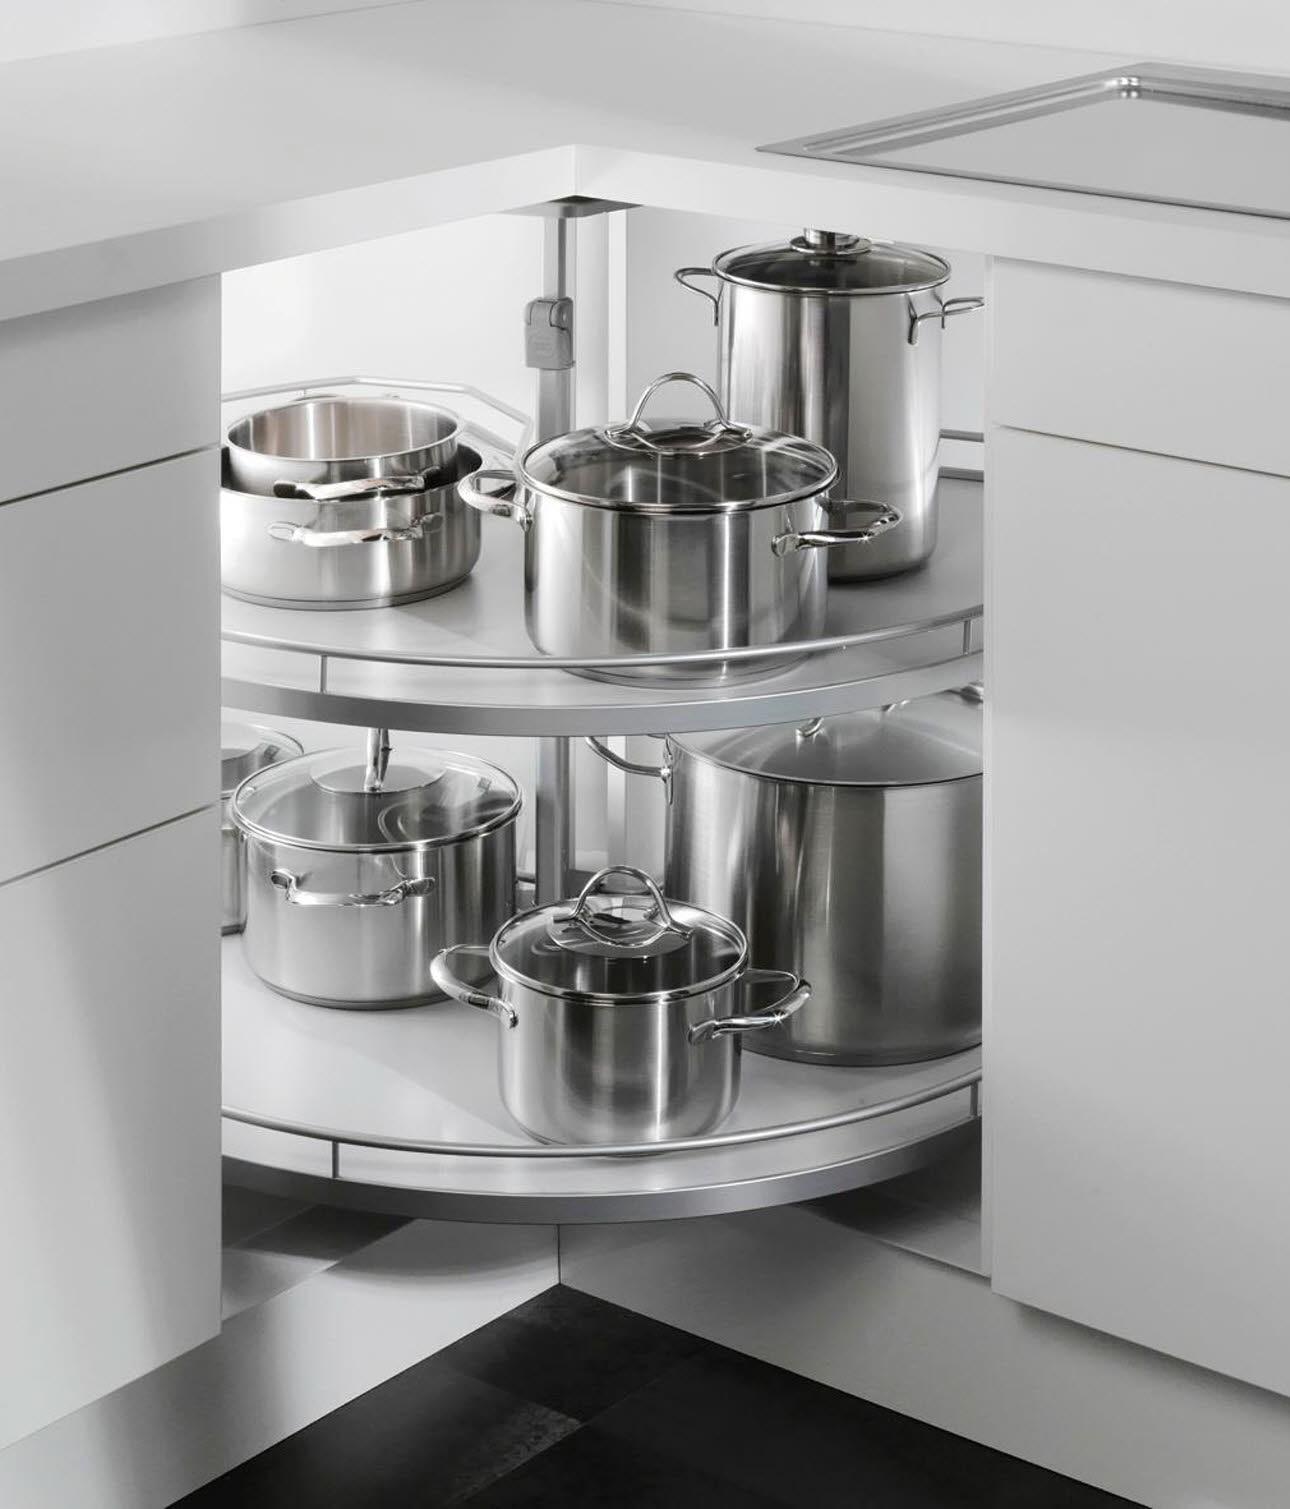 Full Size of Alno Küchen Kchen Ersatzteile Rational Weinglashalter Zubehr Regal Küche Wohnzimmer Alno Küchen